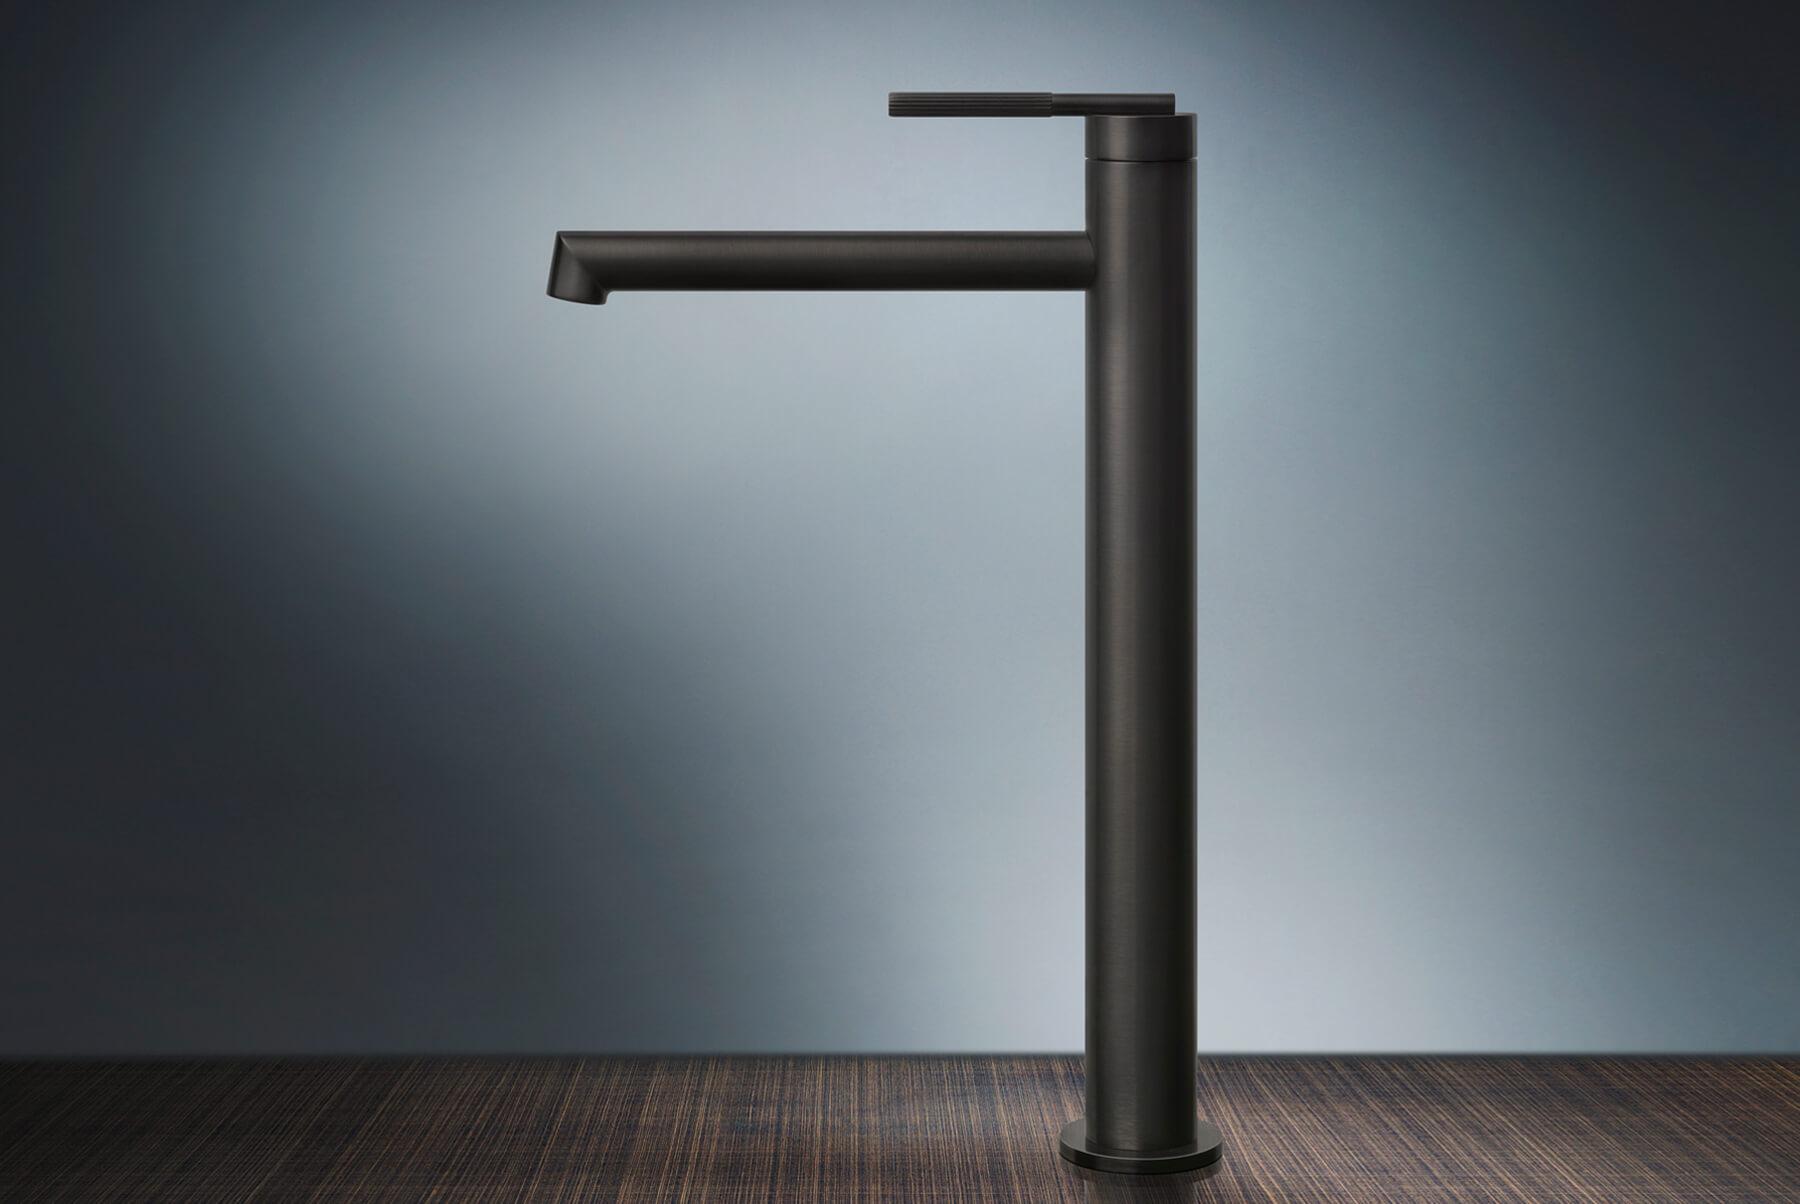 Brassware-GESSI-Ingranaggio-inset-5-1800x1204